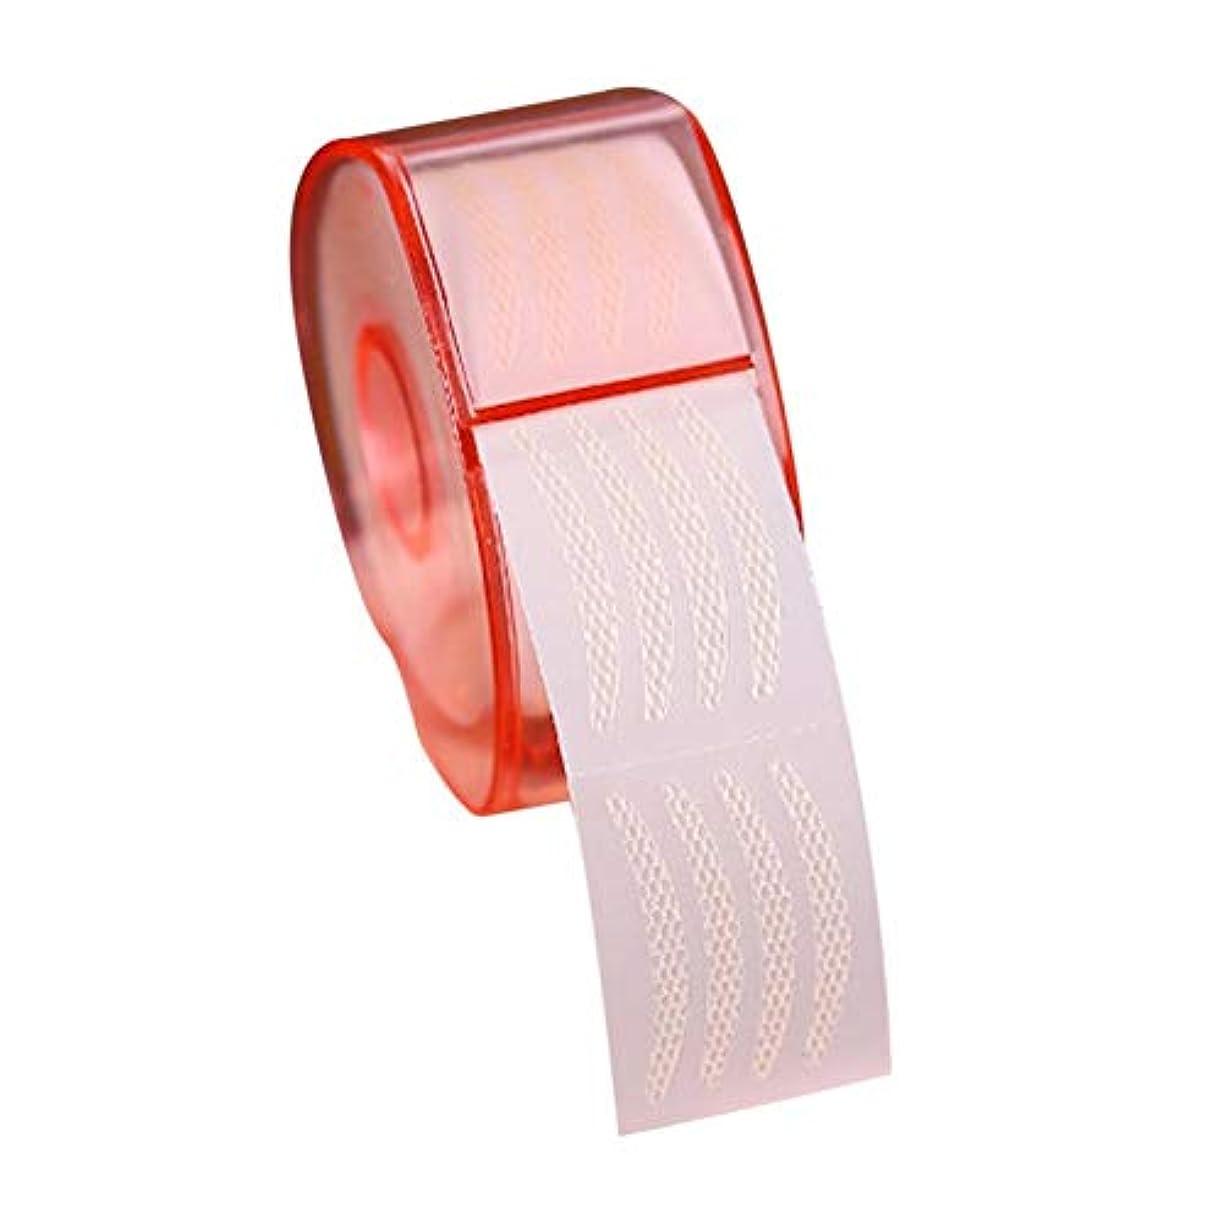 従来のチャペル原始的なRagem 二重まぶたステッカー 二重まぶたテープ 見えない レース テープロール 通気性 防水 ナチュラル 魅力的 2タイプ